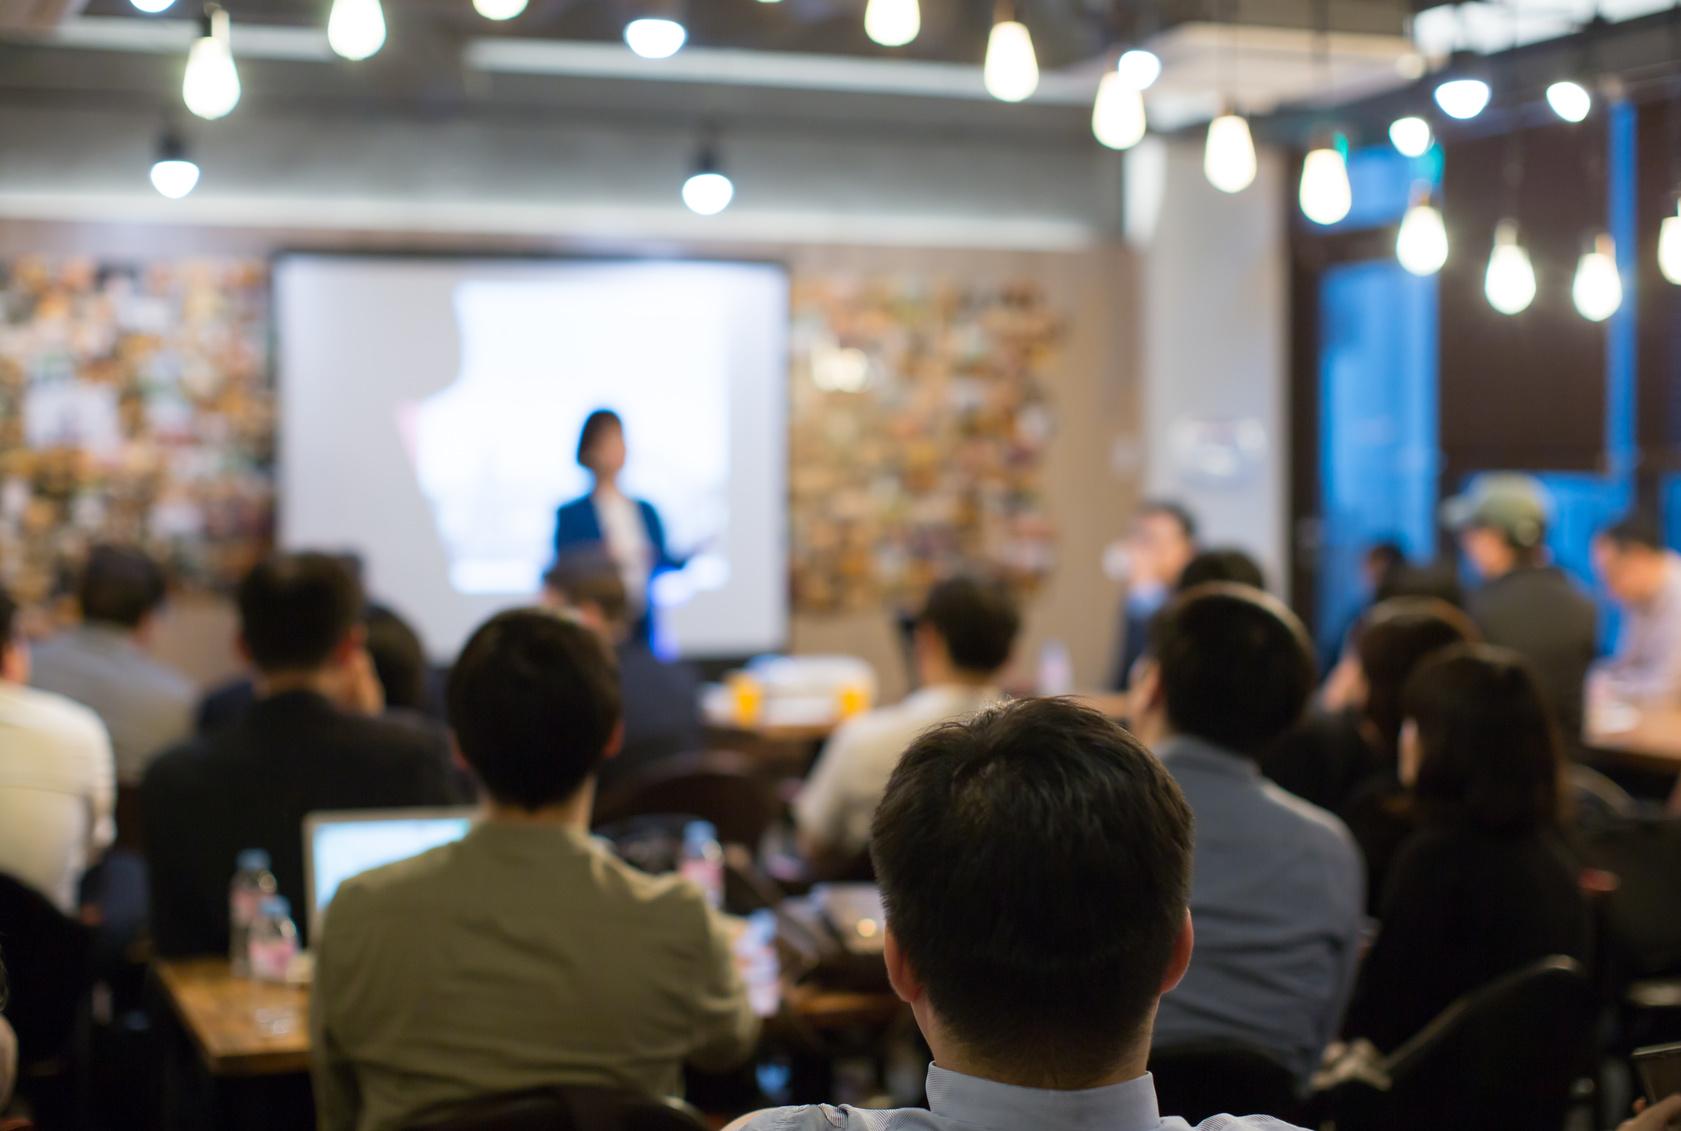 Ihmisiä kokoustilassa kuuntelemassa luennoitsijaa.